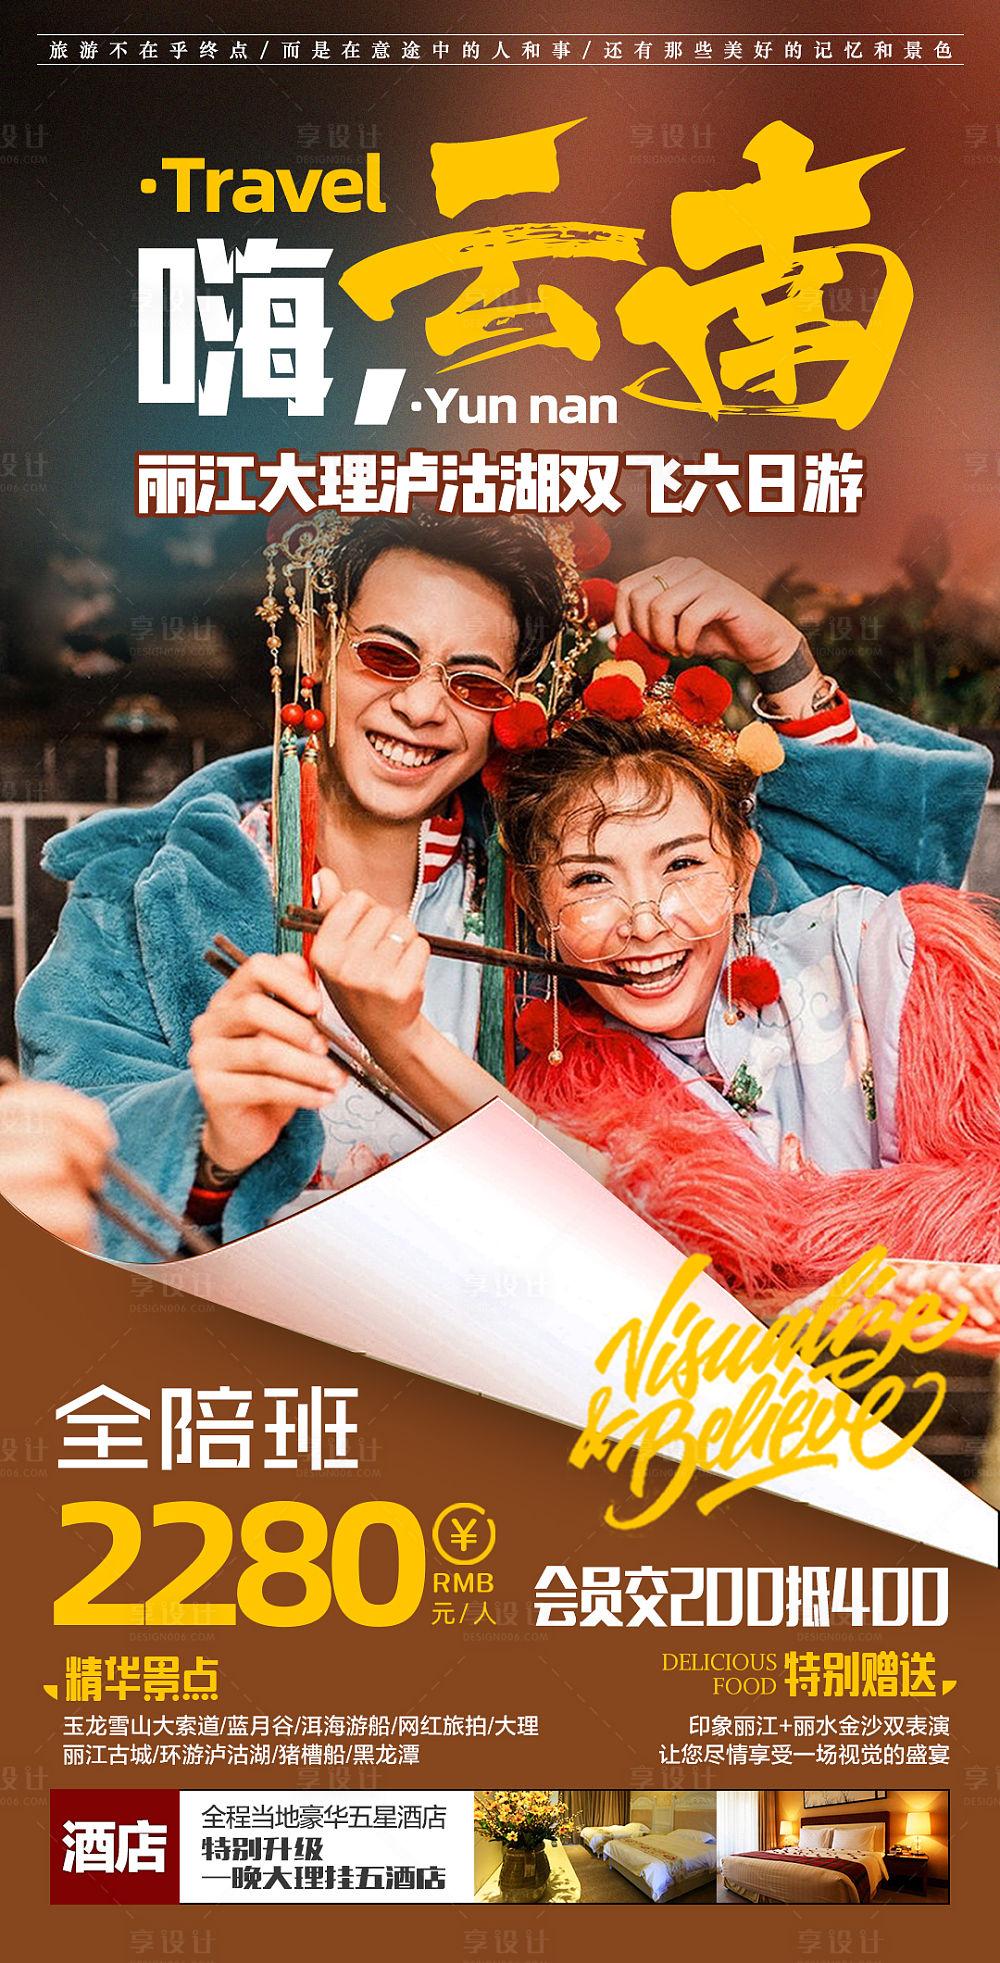 【源文件下载】 海报 旅游 云南 大理 丽江 泸沽湖 情侣设计作品 设计图集